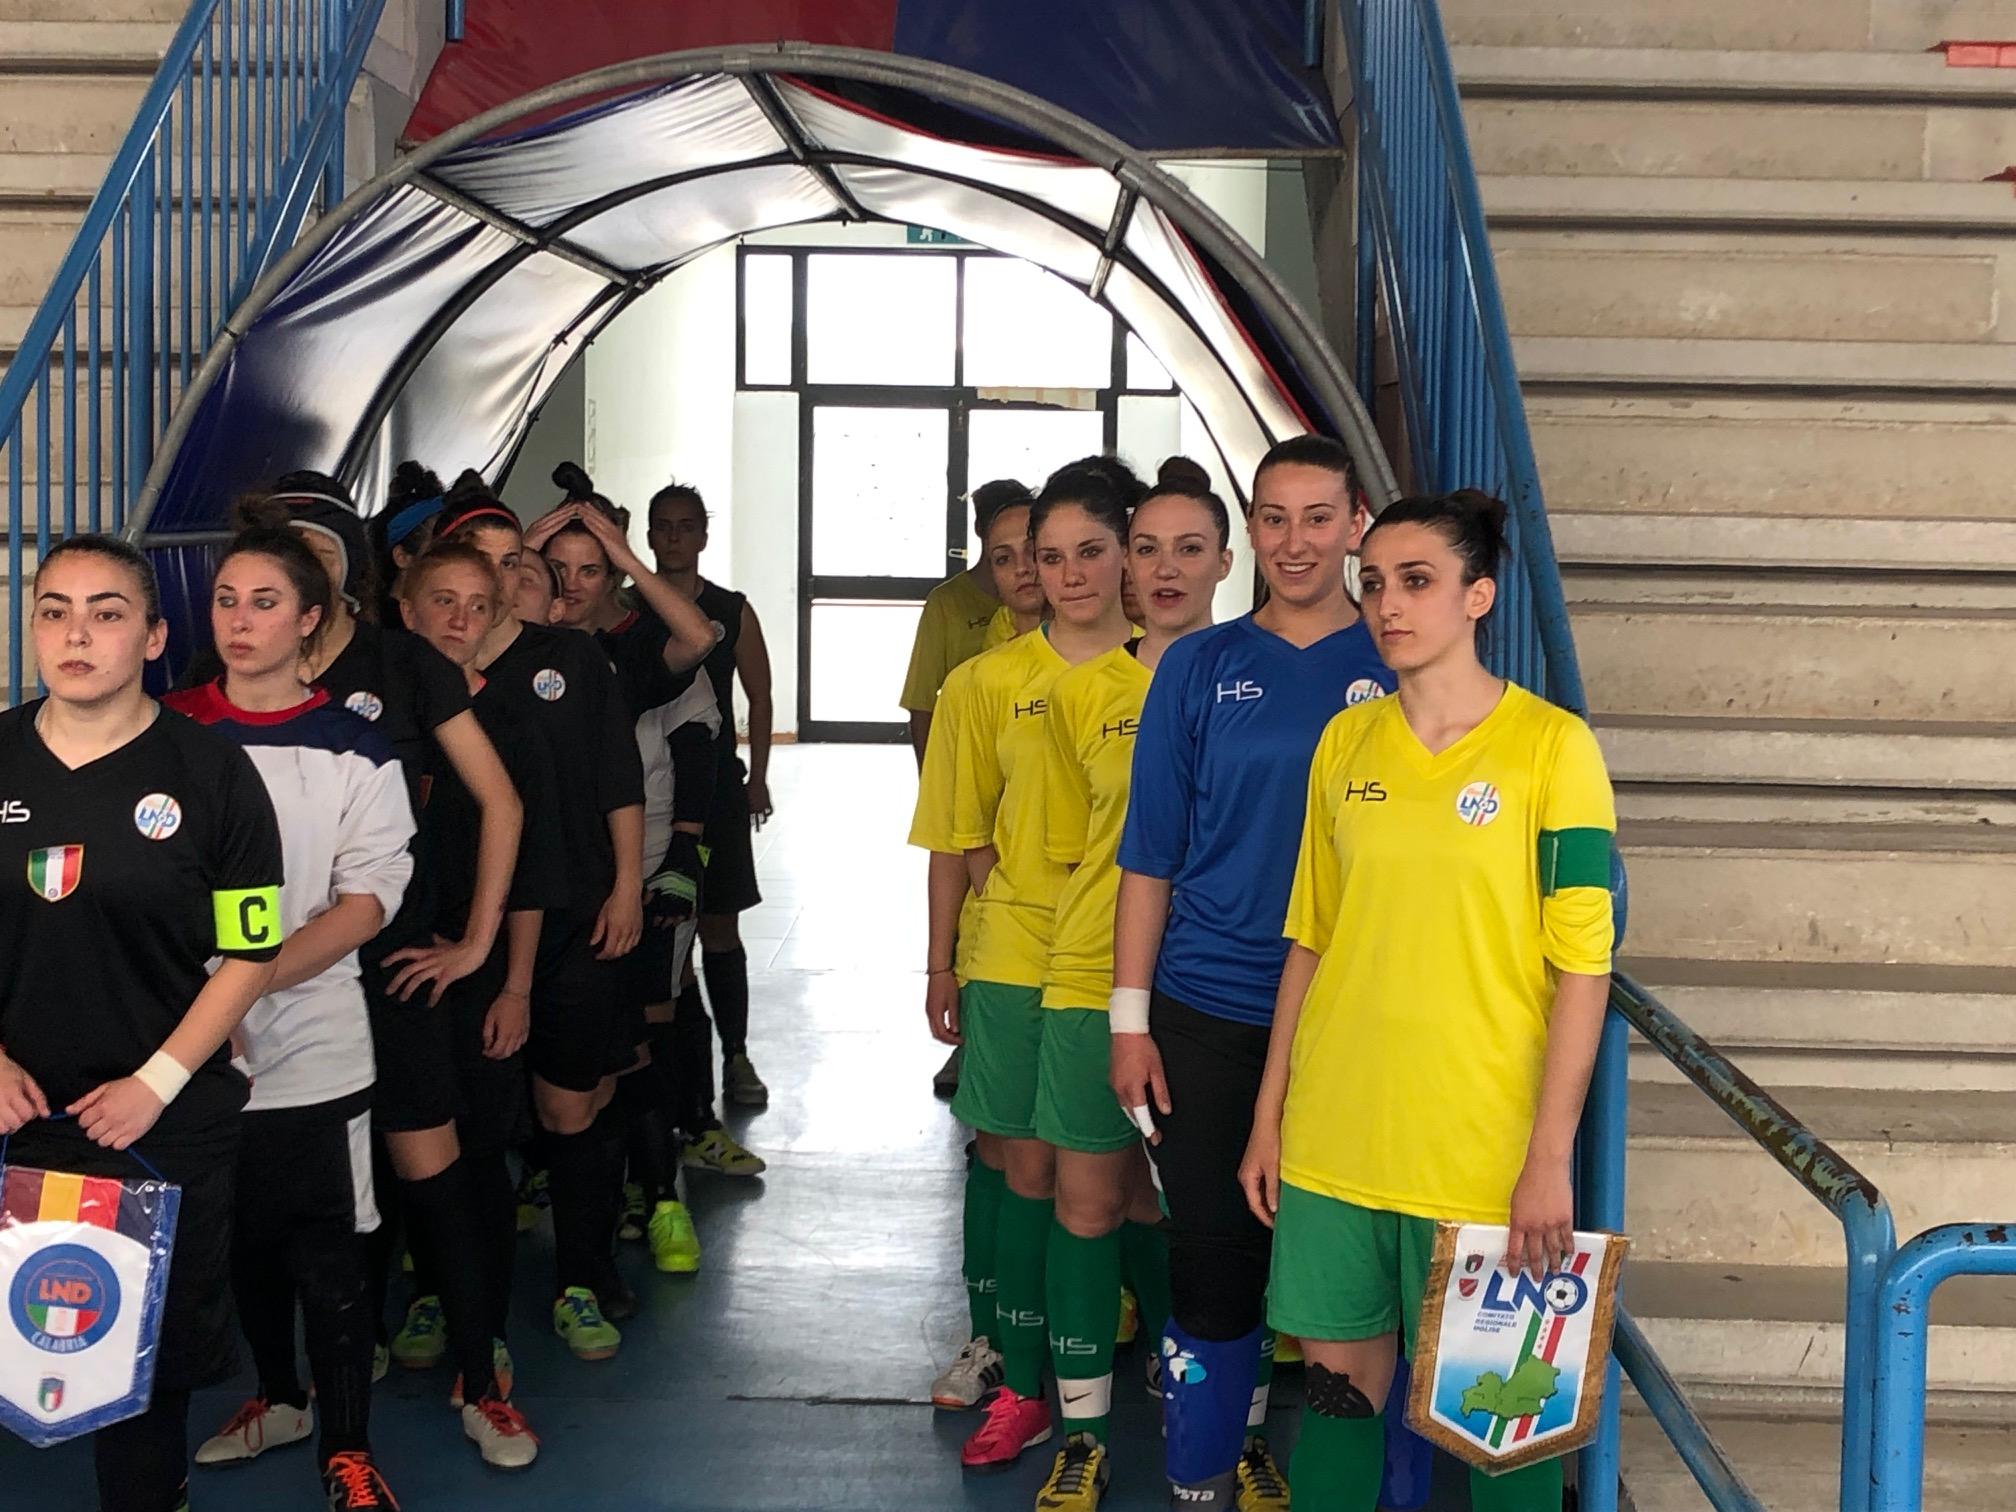 Torneo delle Regioni calcio a 5: la rappresentativa molisana femminile fuori a testa alta.